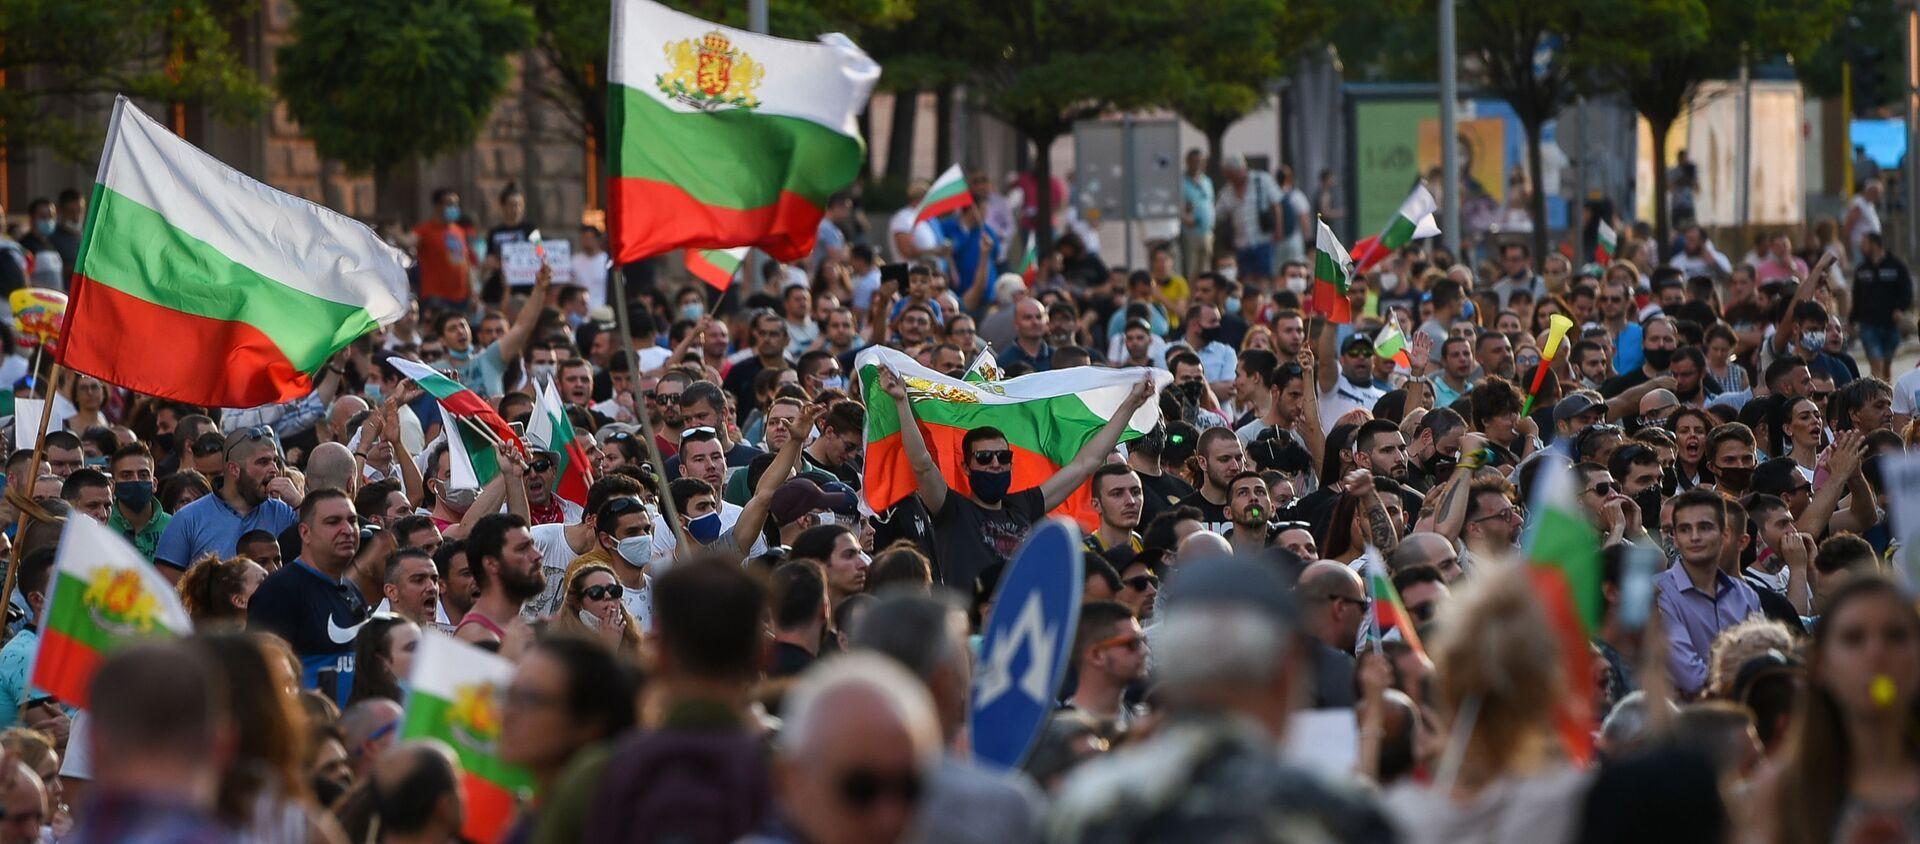 Протести у Бугарској - Sputnik Србија, 1920, 20.07.2020